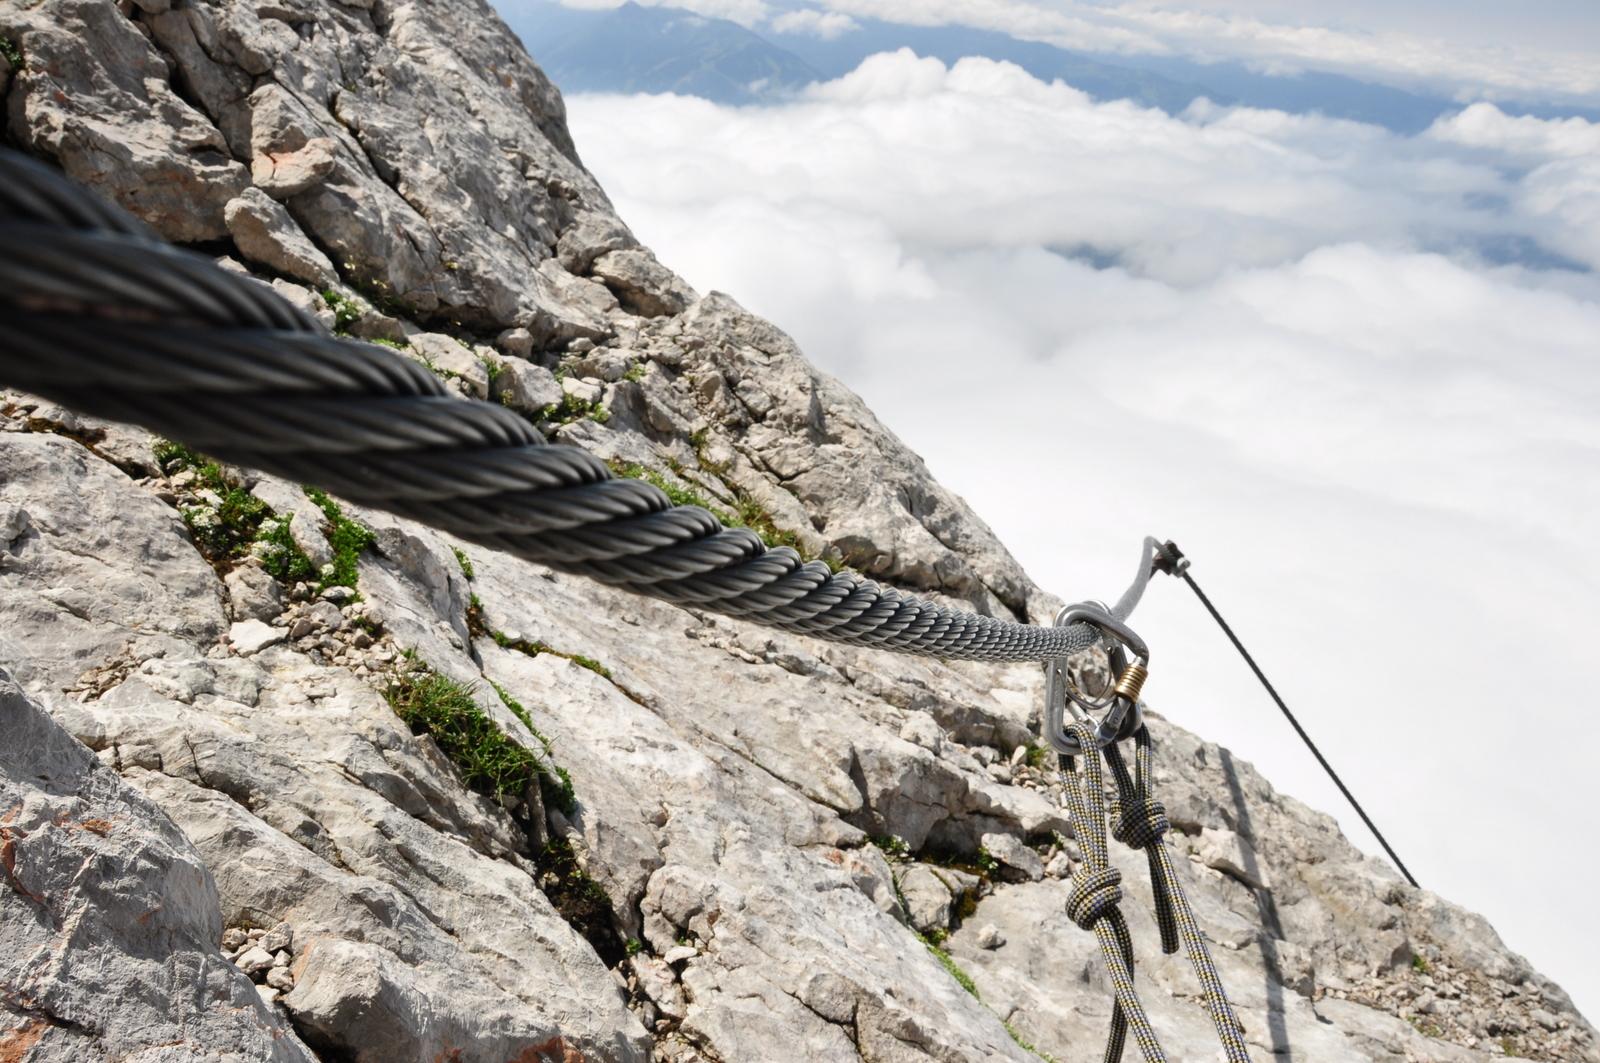 Pittentaler Klettersteig : Bergfex bucklige welt auf dem pittentaler klettersteig zum